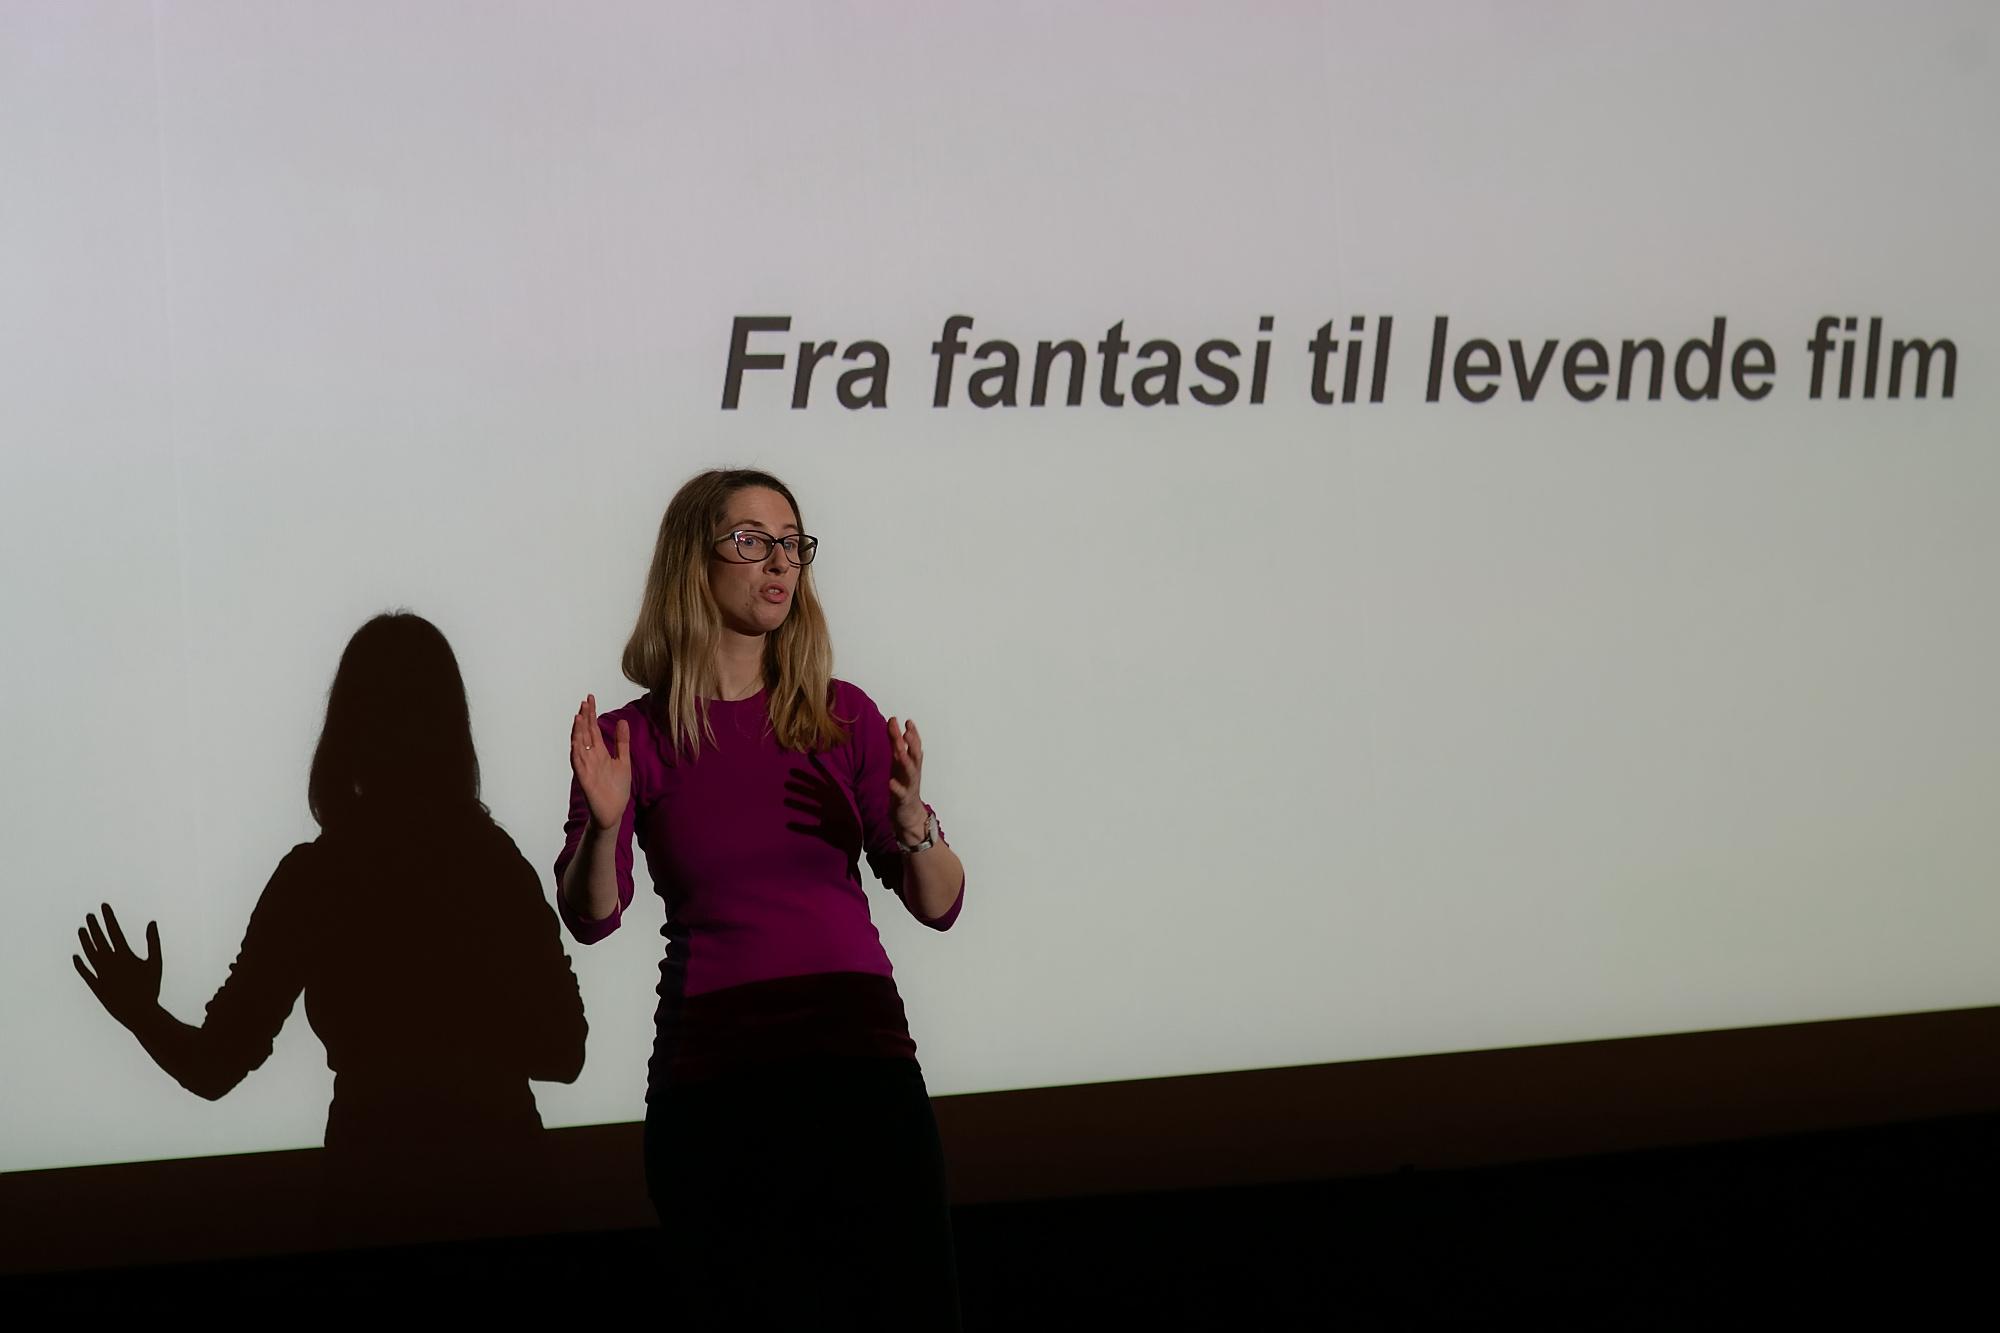 Manusforfatter Helene Stenhaug forklarer elevene i 5. trinn hva et filmmanus er, og hva som skiller det fra en bok.